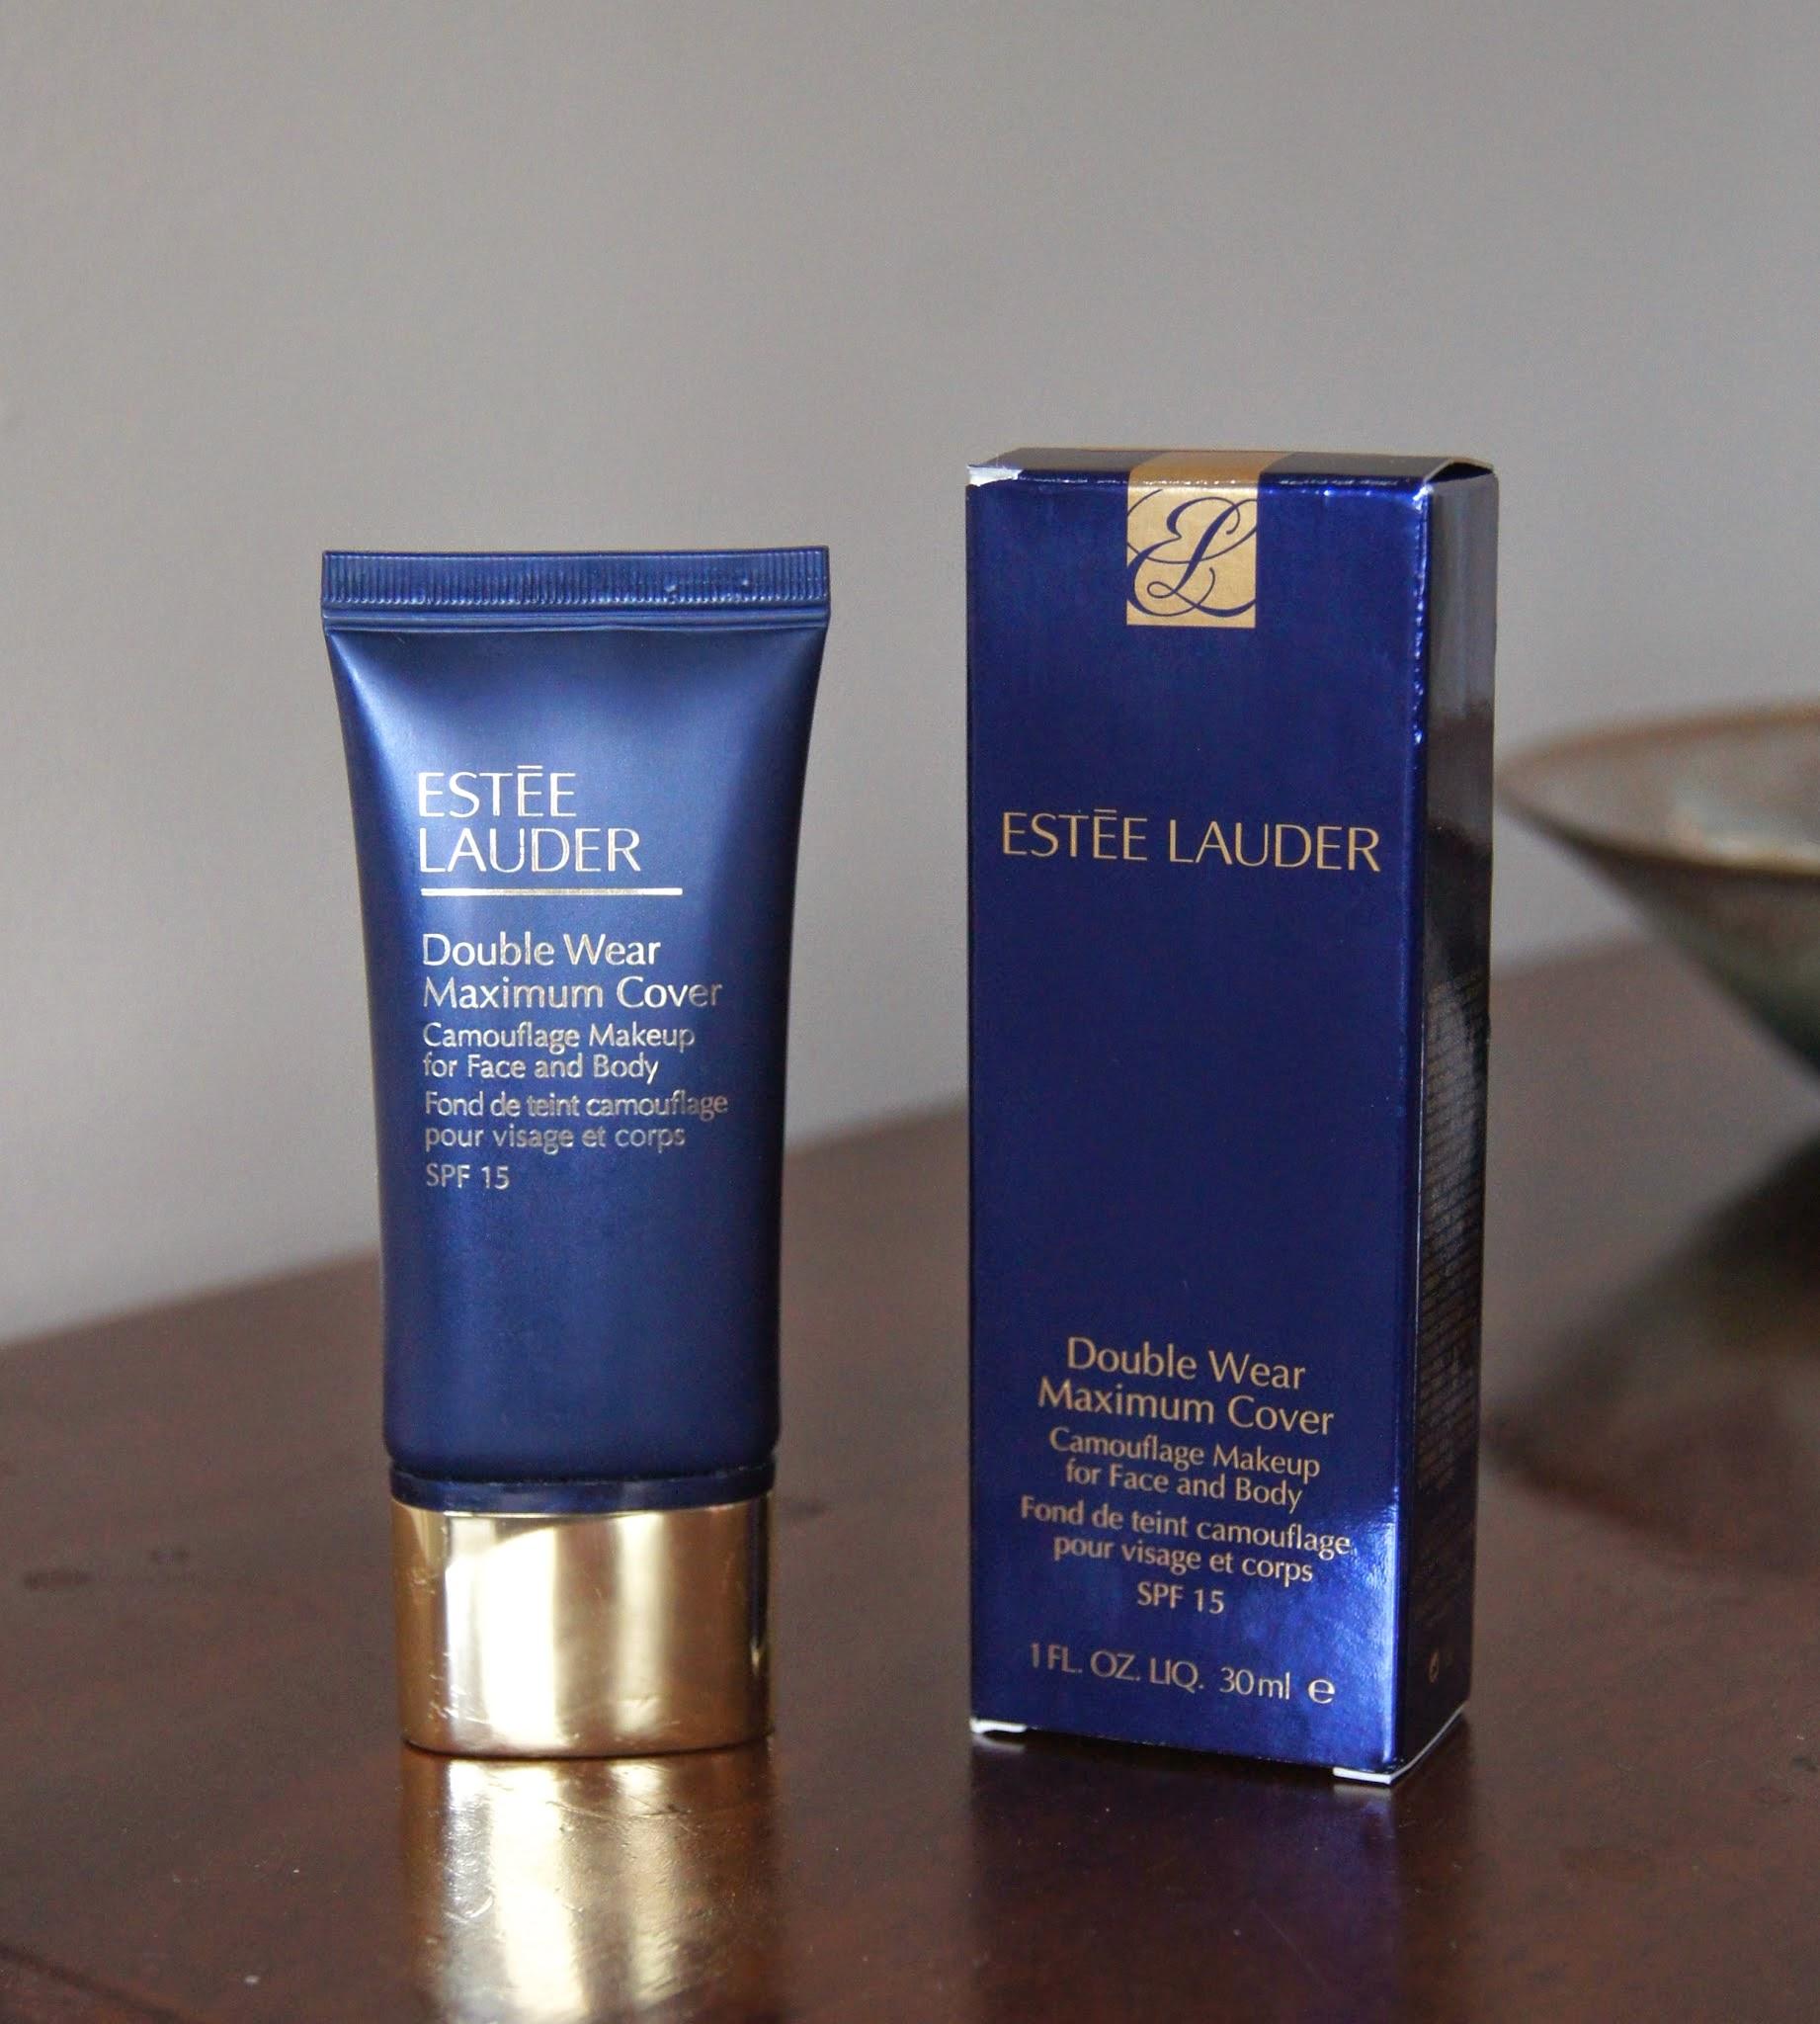 estee lauder double wear maximum cover foundation review